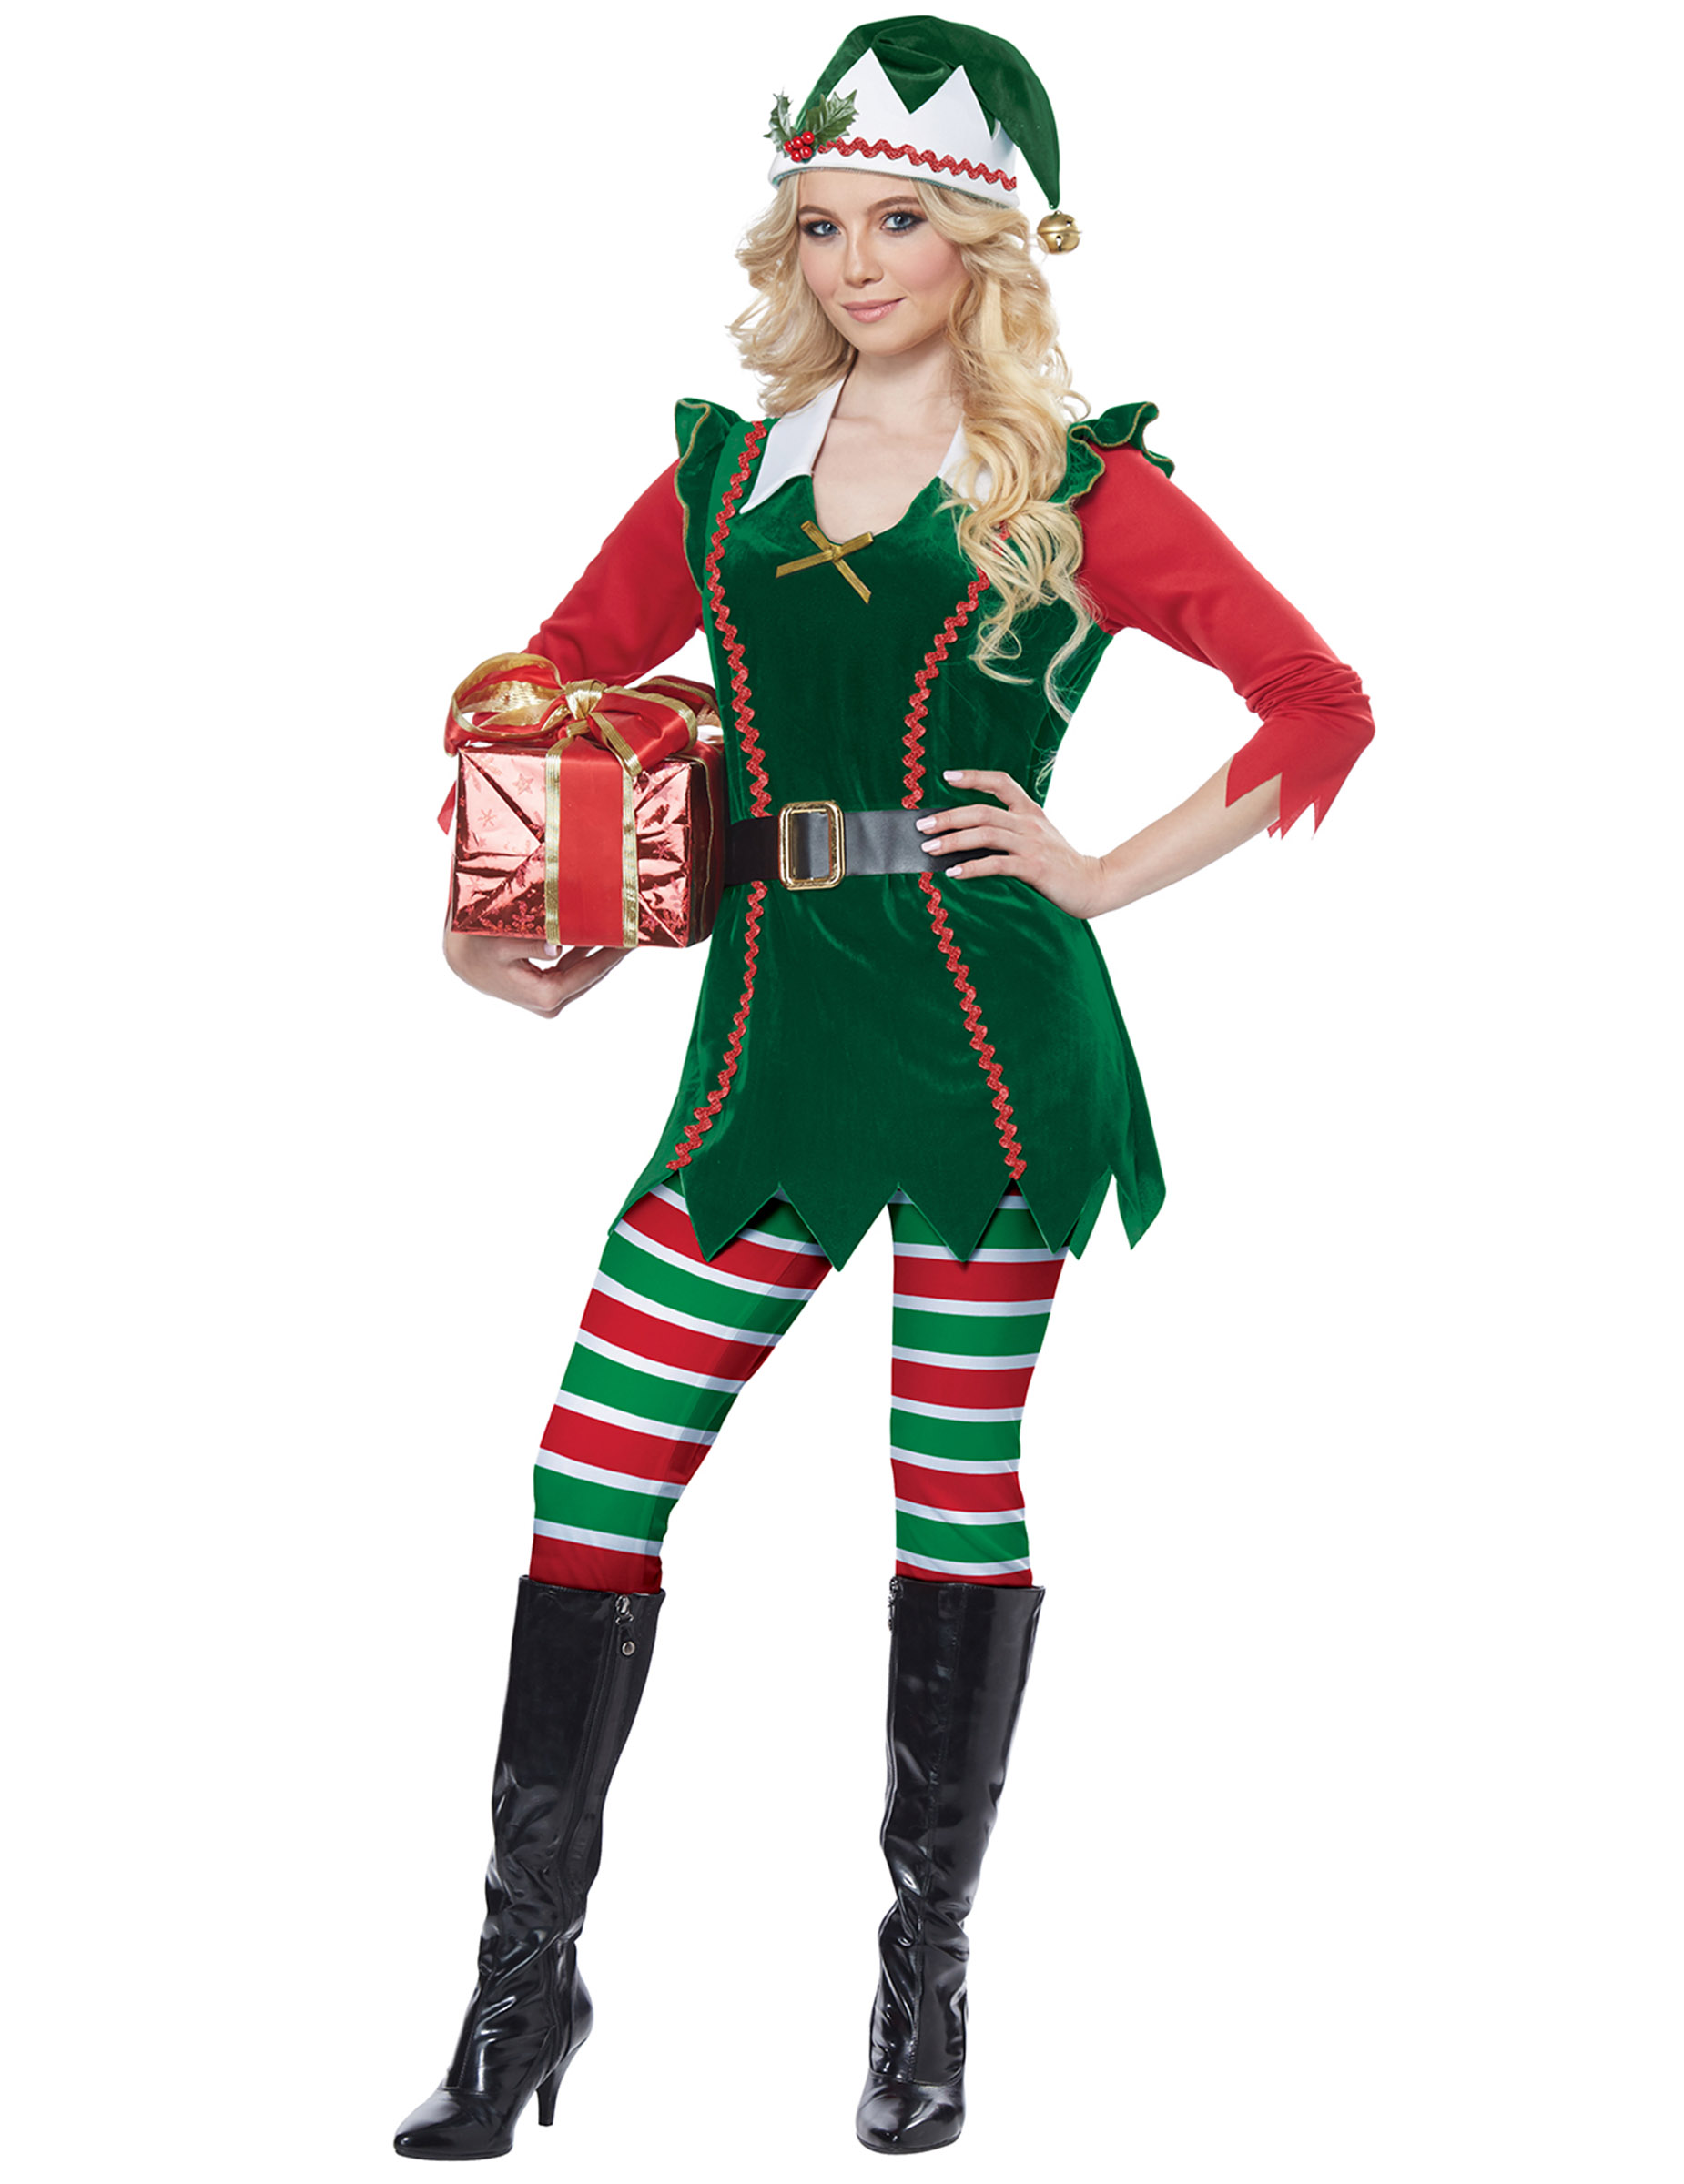 Hübsche Weihnachts-Elfin Damenkostüm für Weihnachten grün-weiß-rot - S (38/40) 307215